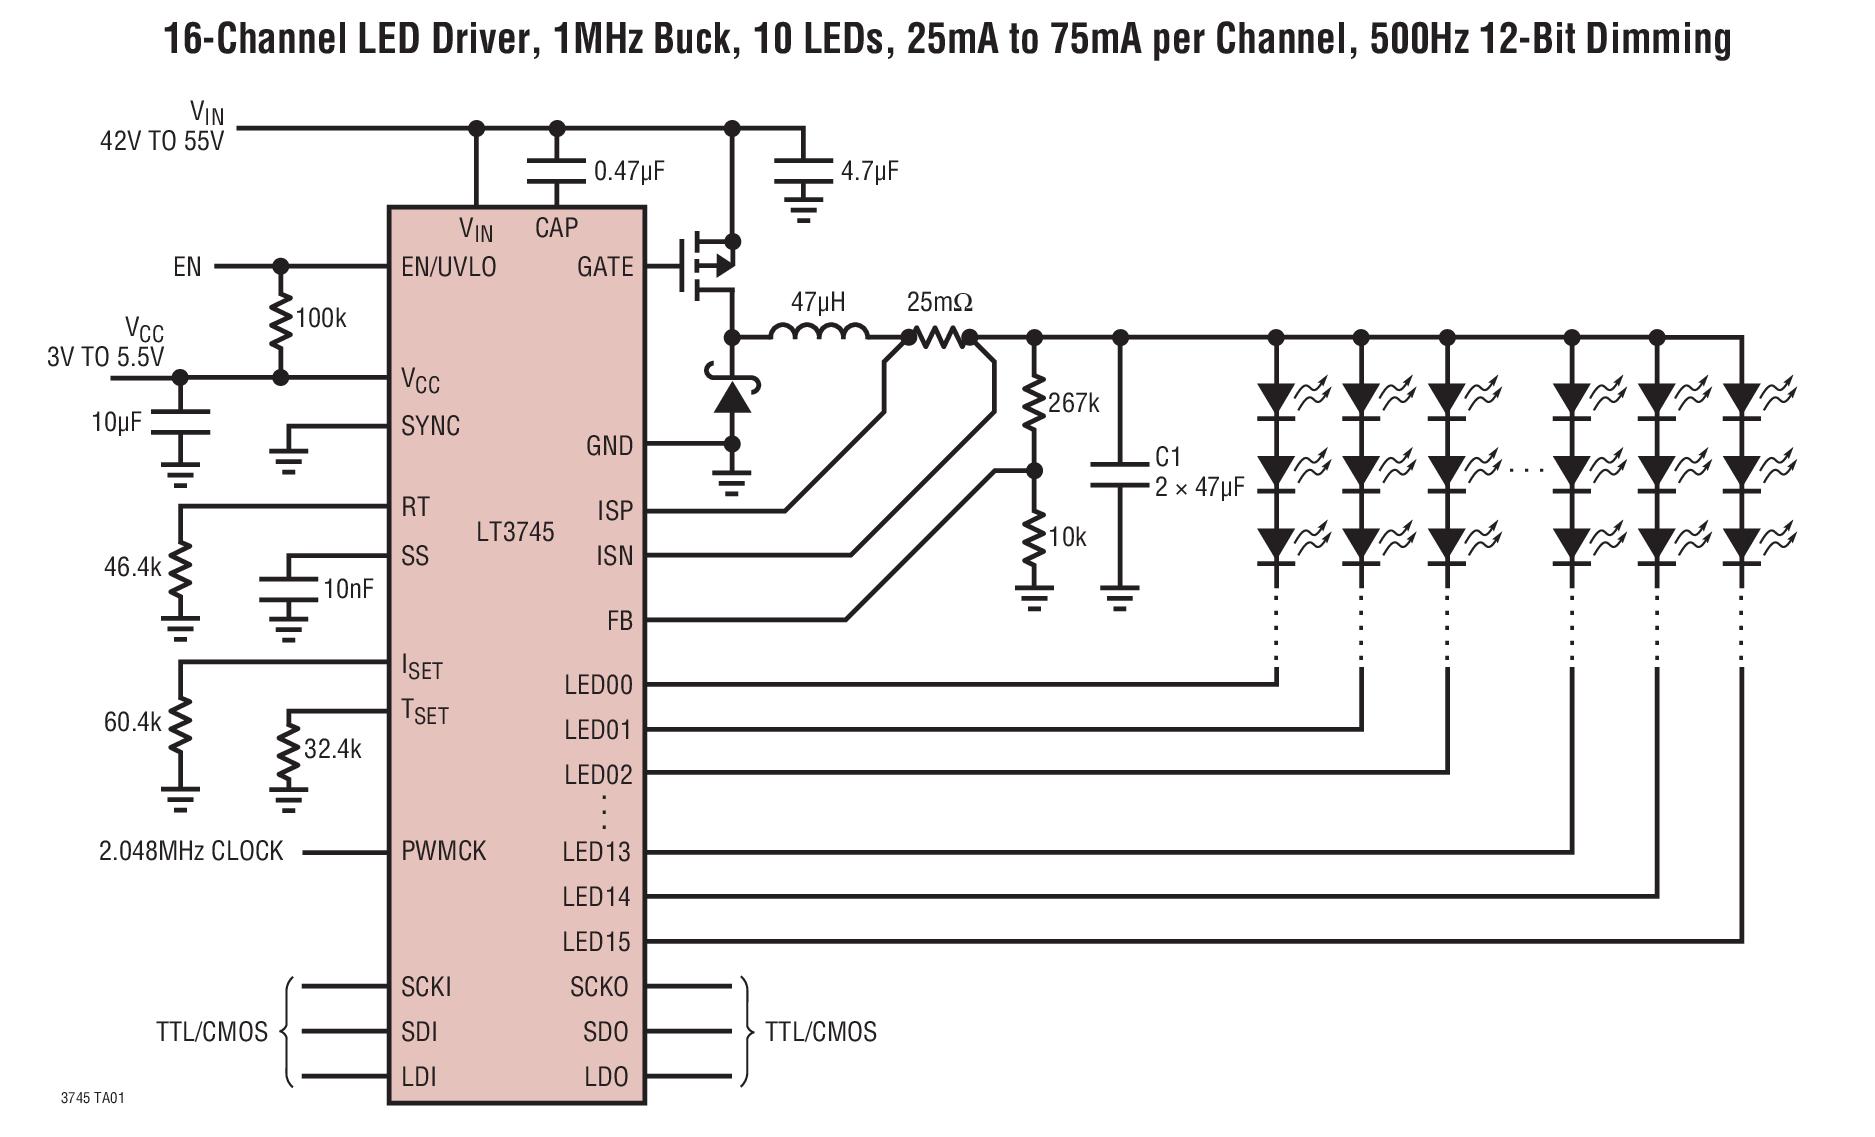 (典型值为 ±1%) 6 位点校正电流调节 12 位灰度等级 pwm 调光 0.